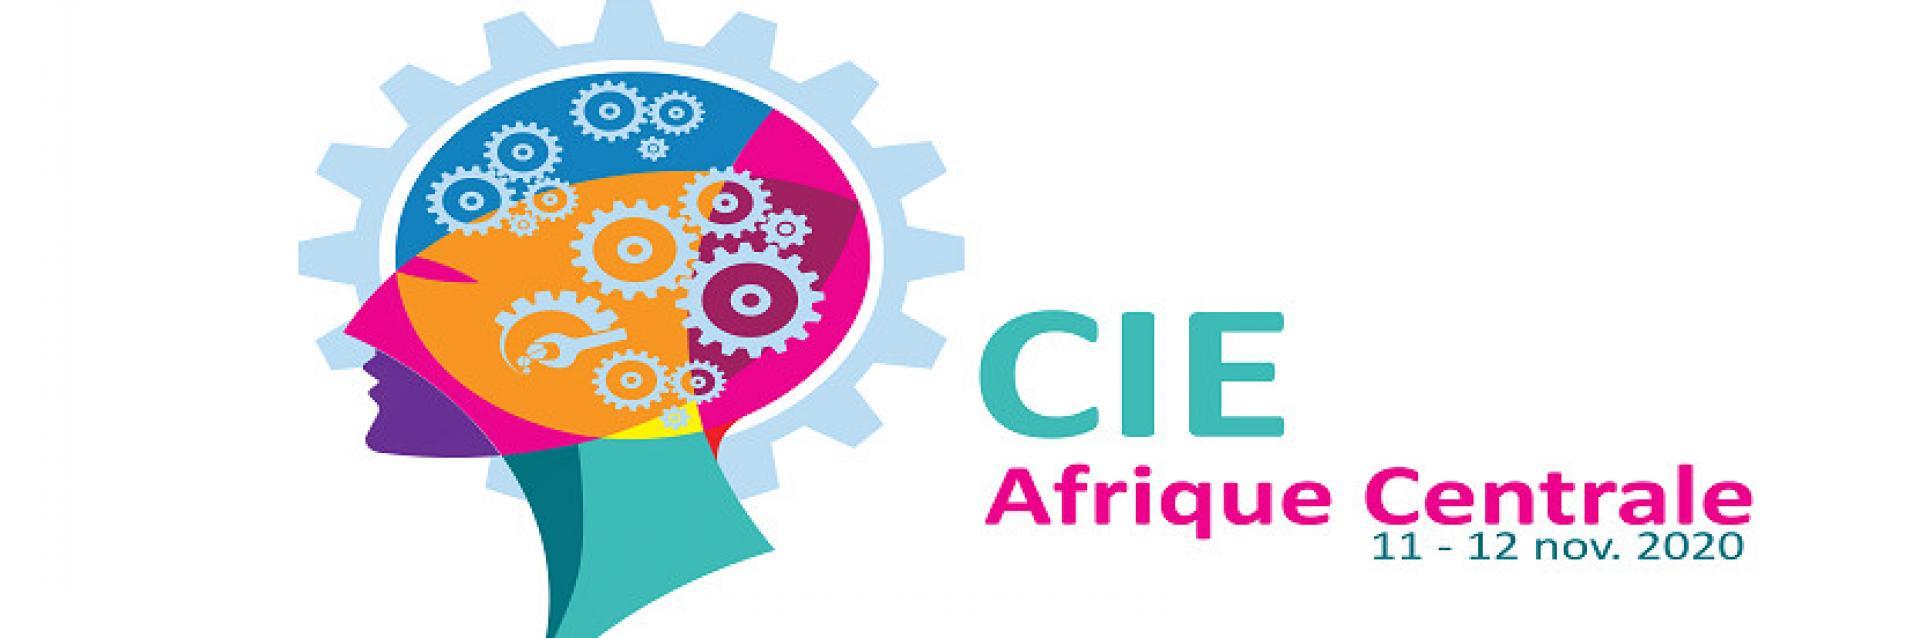 Comité intergouvernemental des hauts fonctionnaires et d'experts (CIE) - Afrique centrale